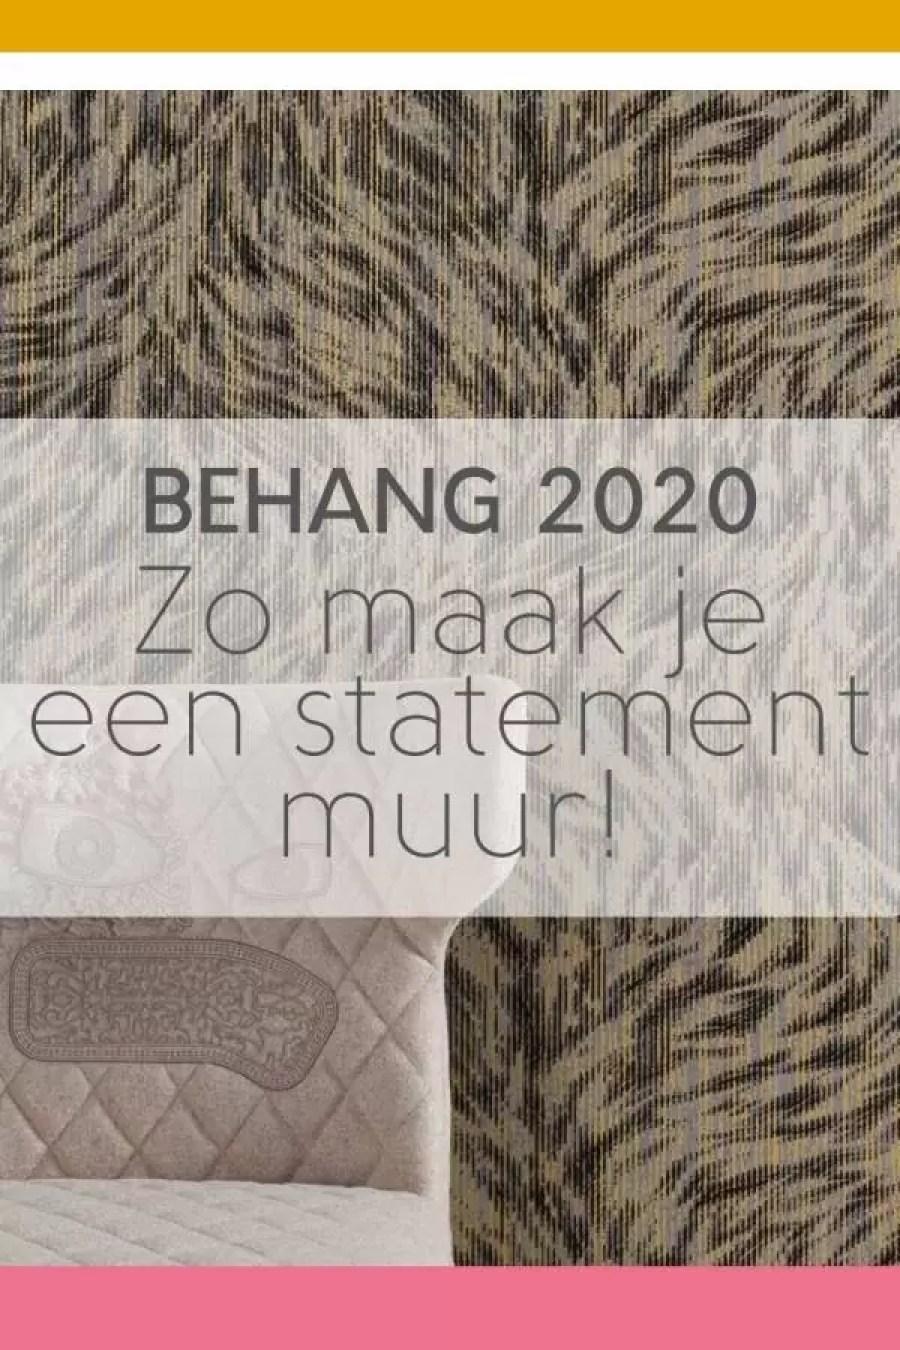 behang 2 - Behang 2020: dit komt er op je muur!